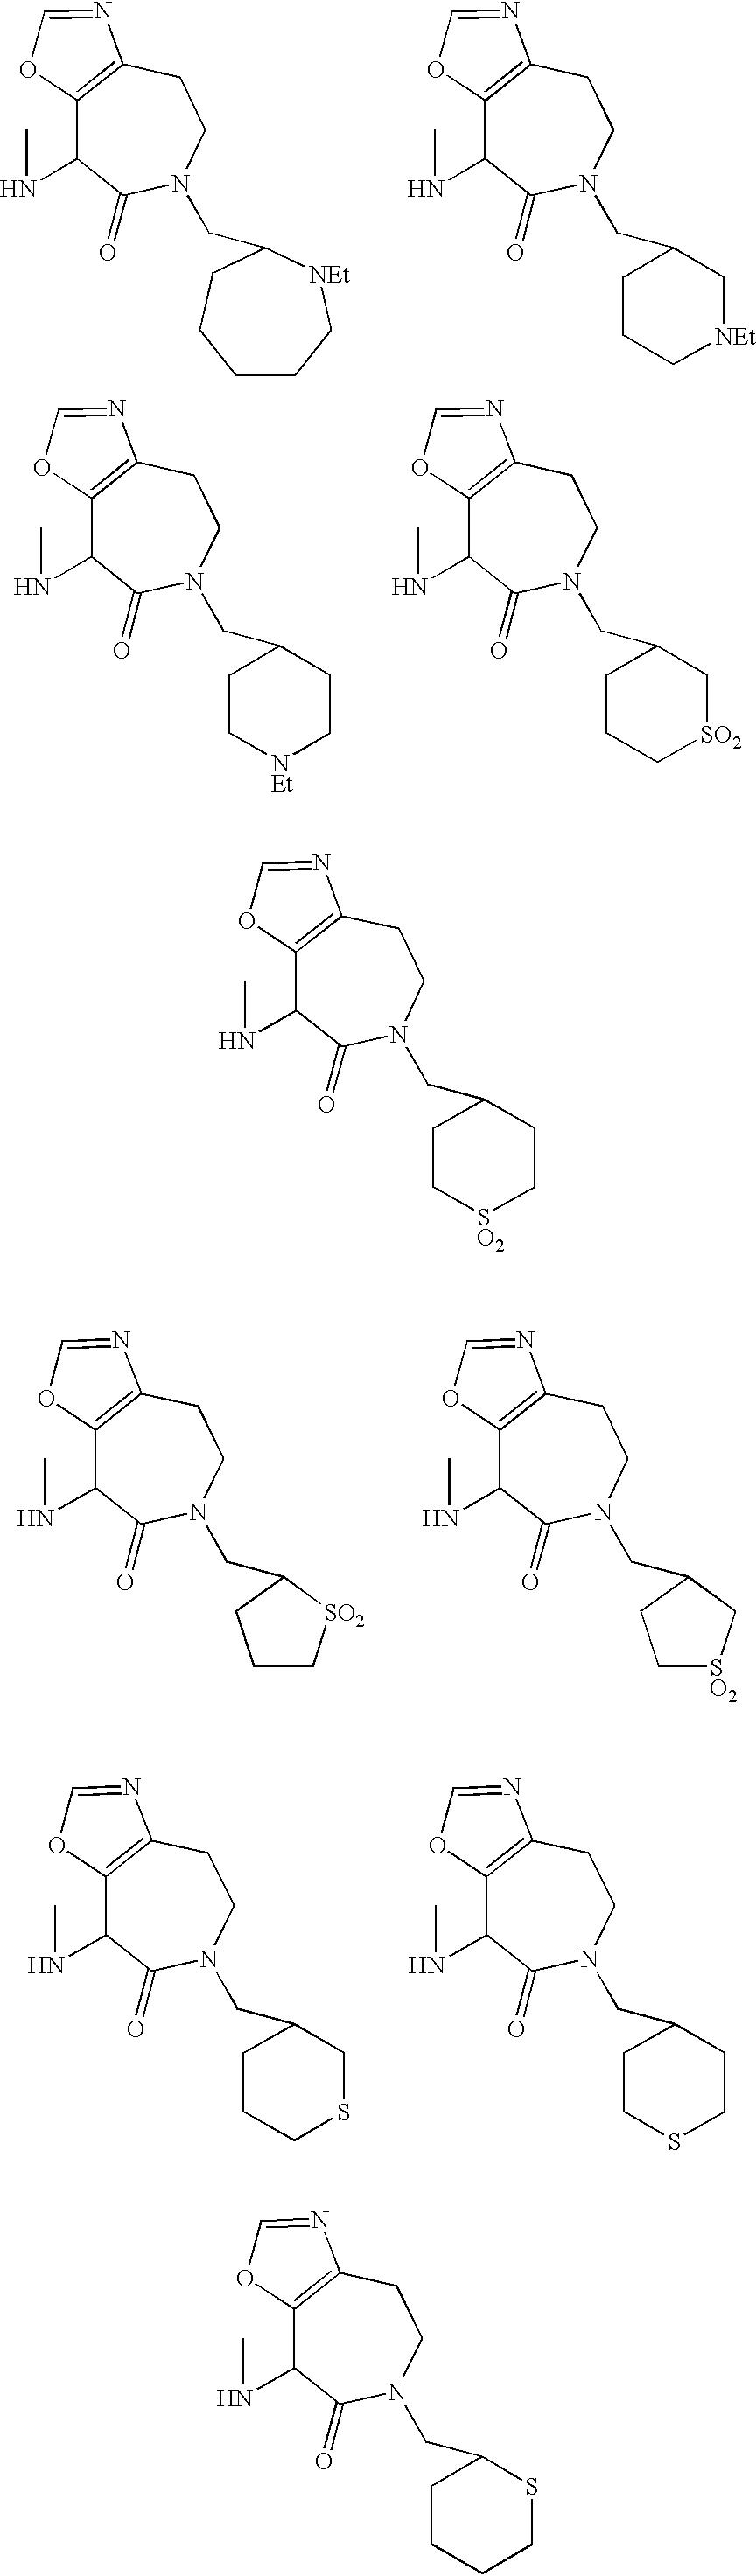 Figure US06509331-20030121-C00075